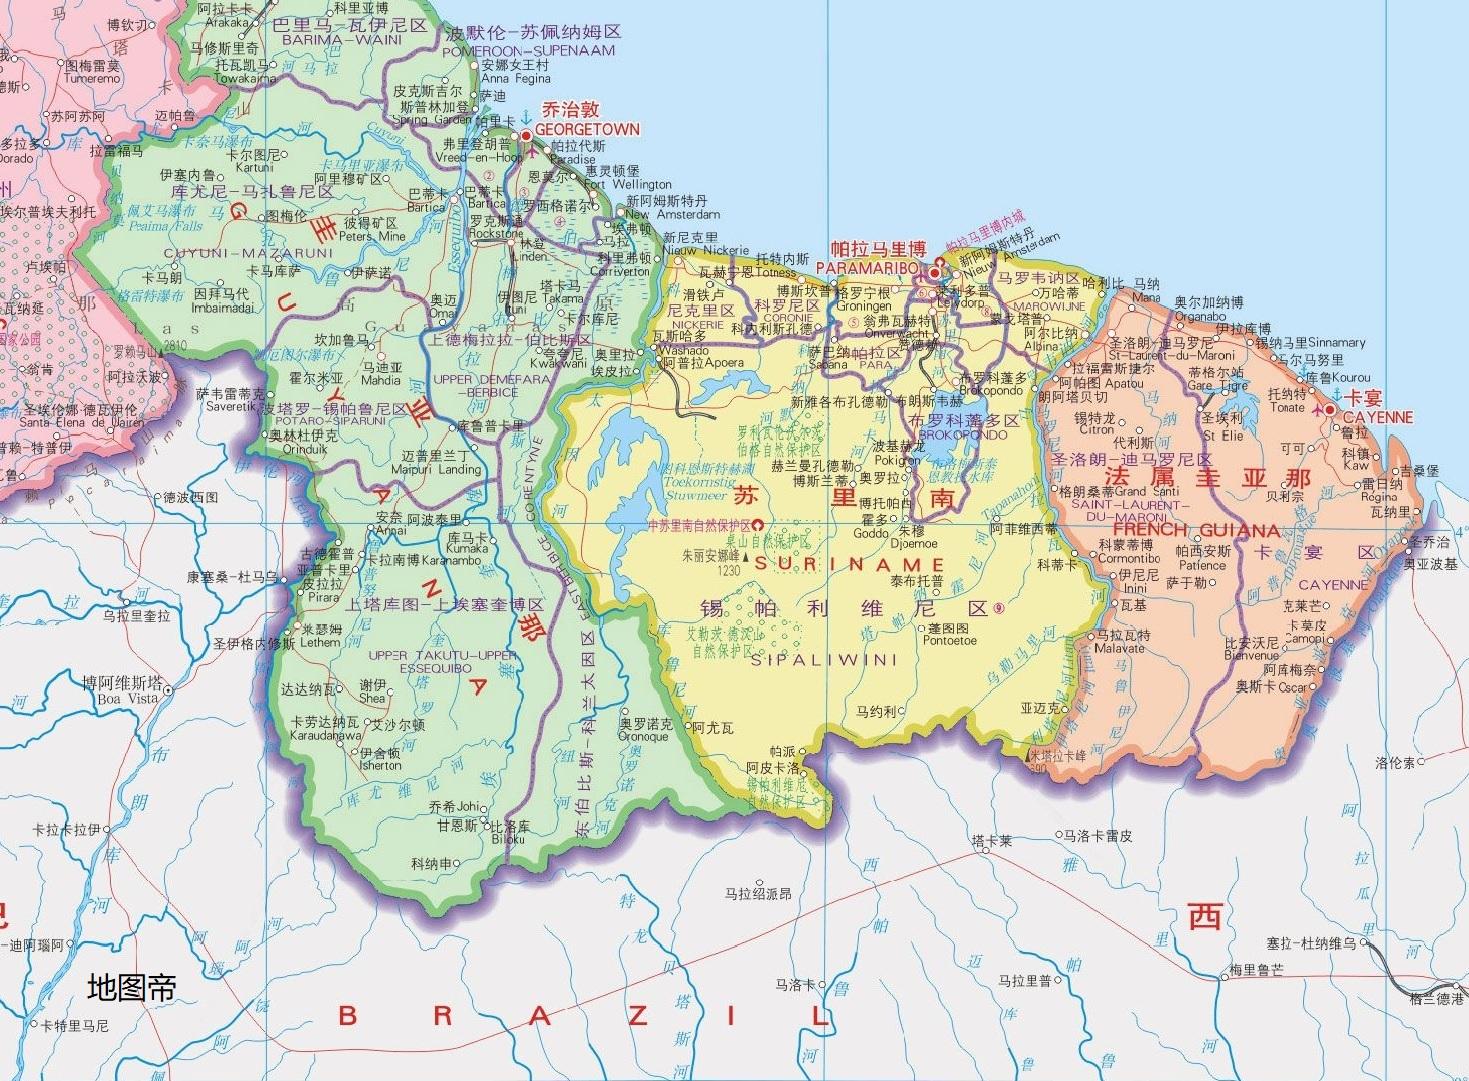 苏里南人口与面积_关于南美洲和巴西,高考地理喜欢考查的知识点整理 南美洲